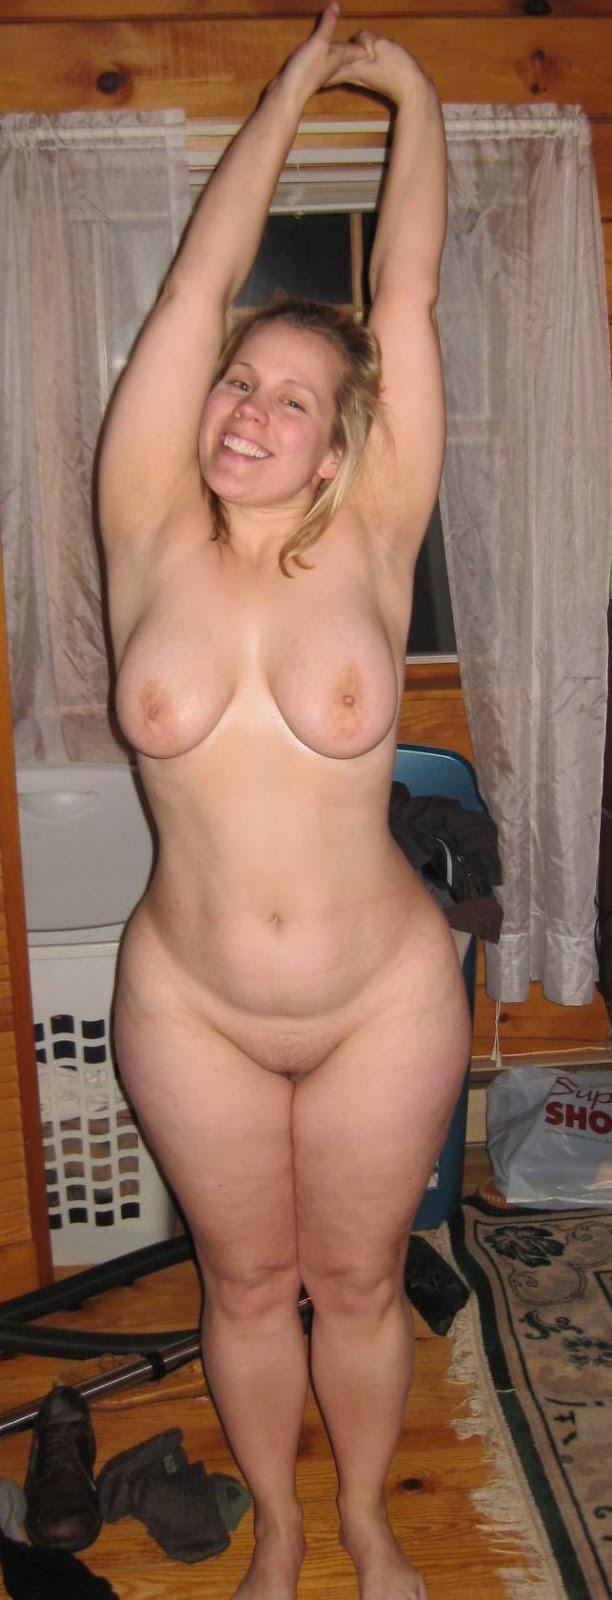 Big tits wide hips blonde selfie